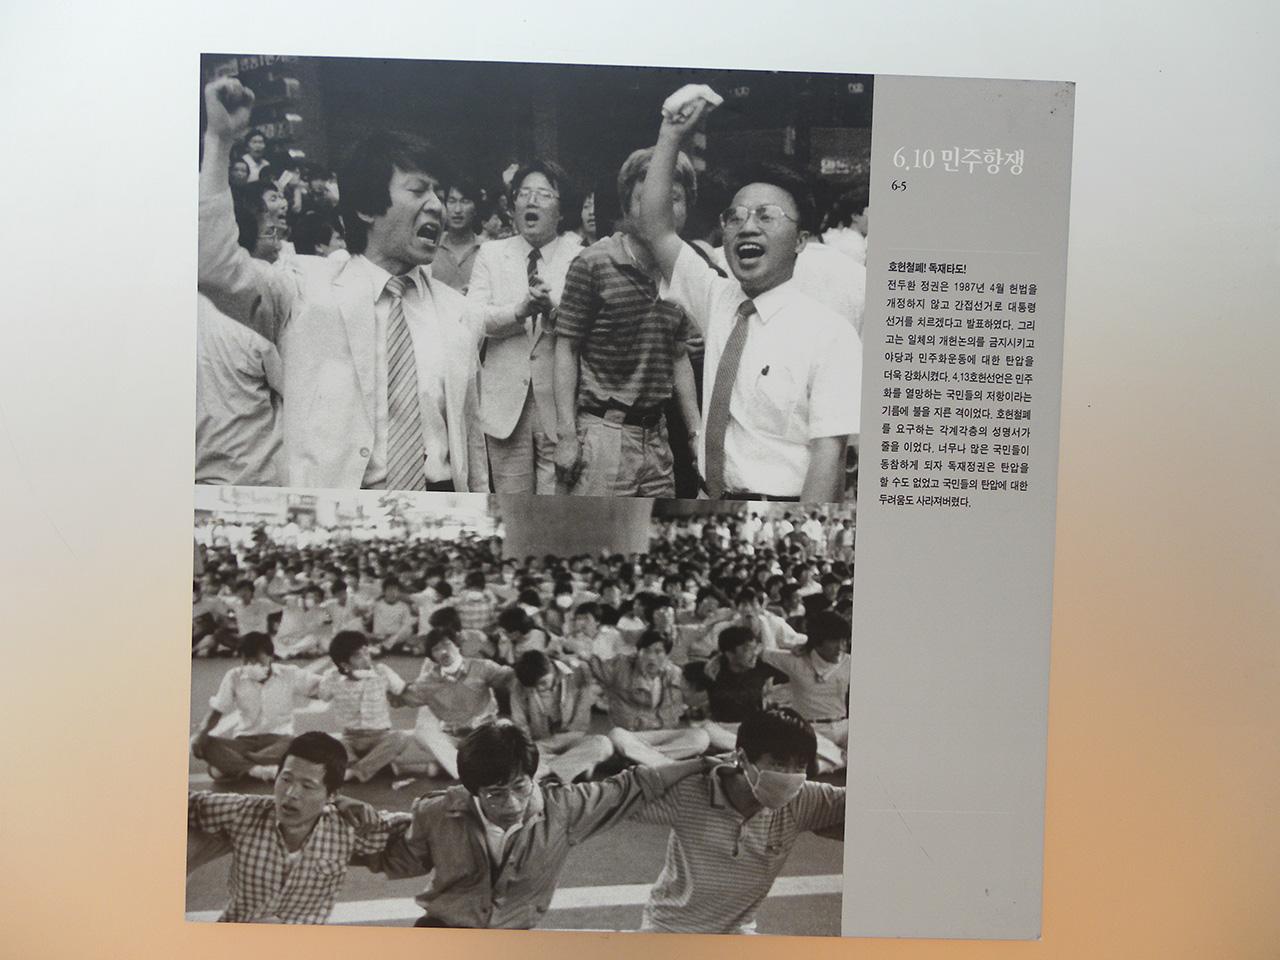 6월항쟁. 서울시 서대문구 현저동의 서대문형무소에서 찍은 사진.  서대문형무소에서 열린 사진전 때 찍은 사진이다.